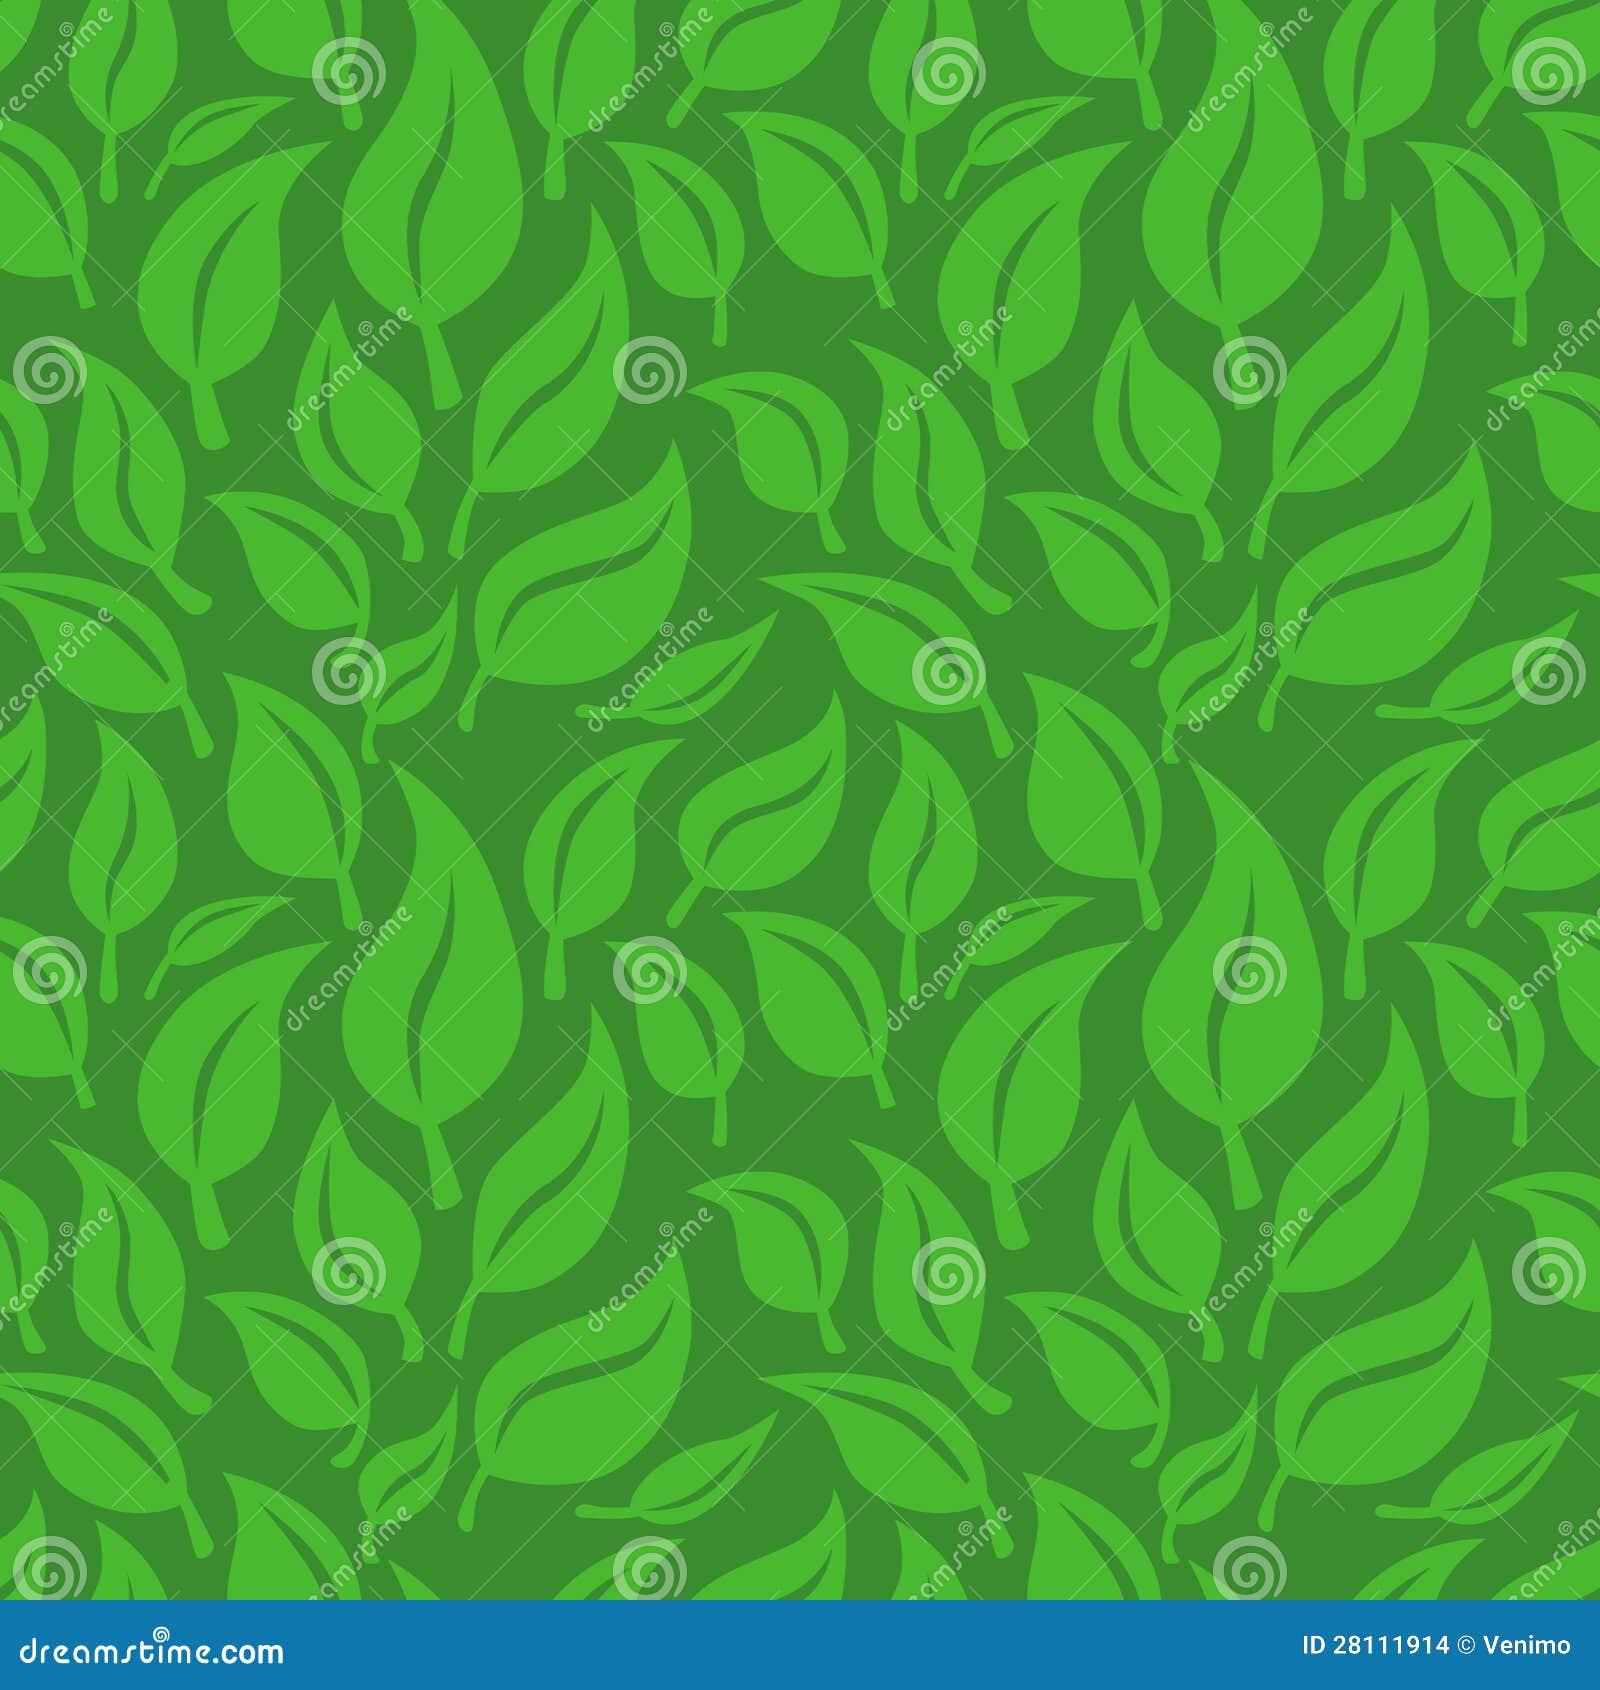 Fundo Sem Emenda Do Vetor Com Folhas Verdes Ilustração Do